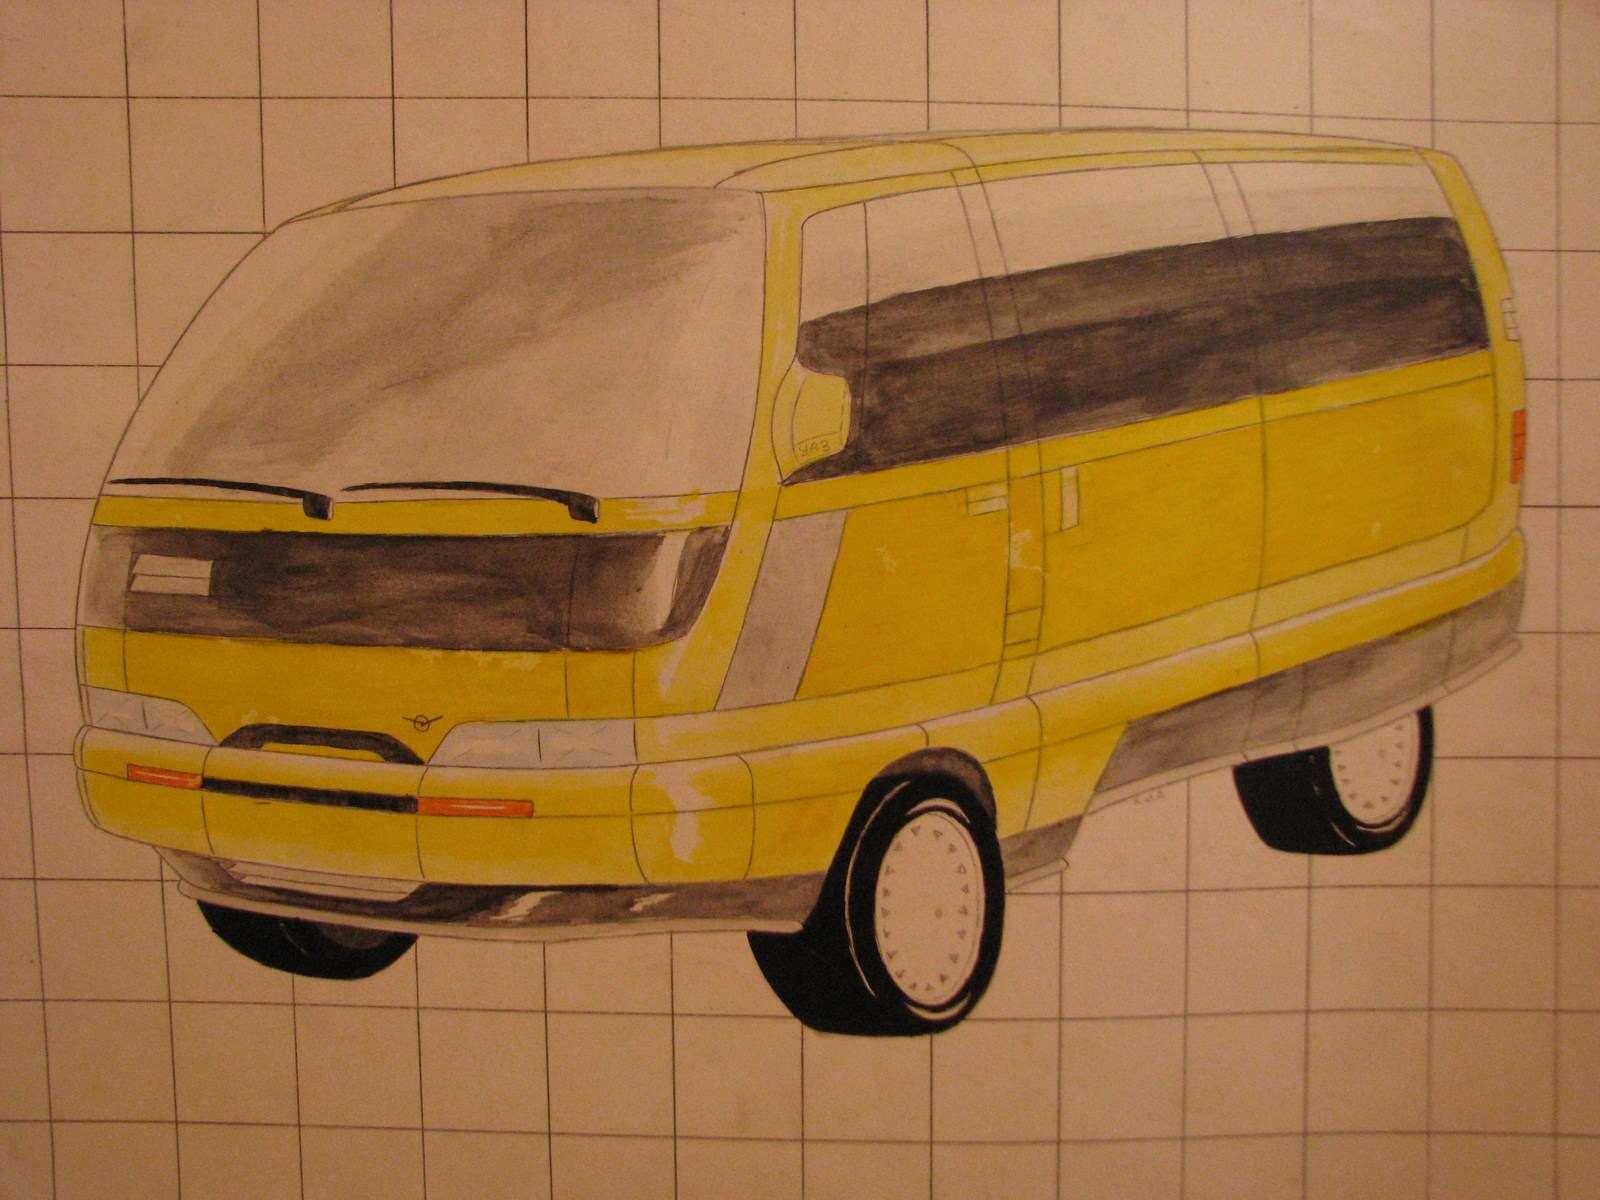 1989. UAZ Concept